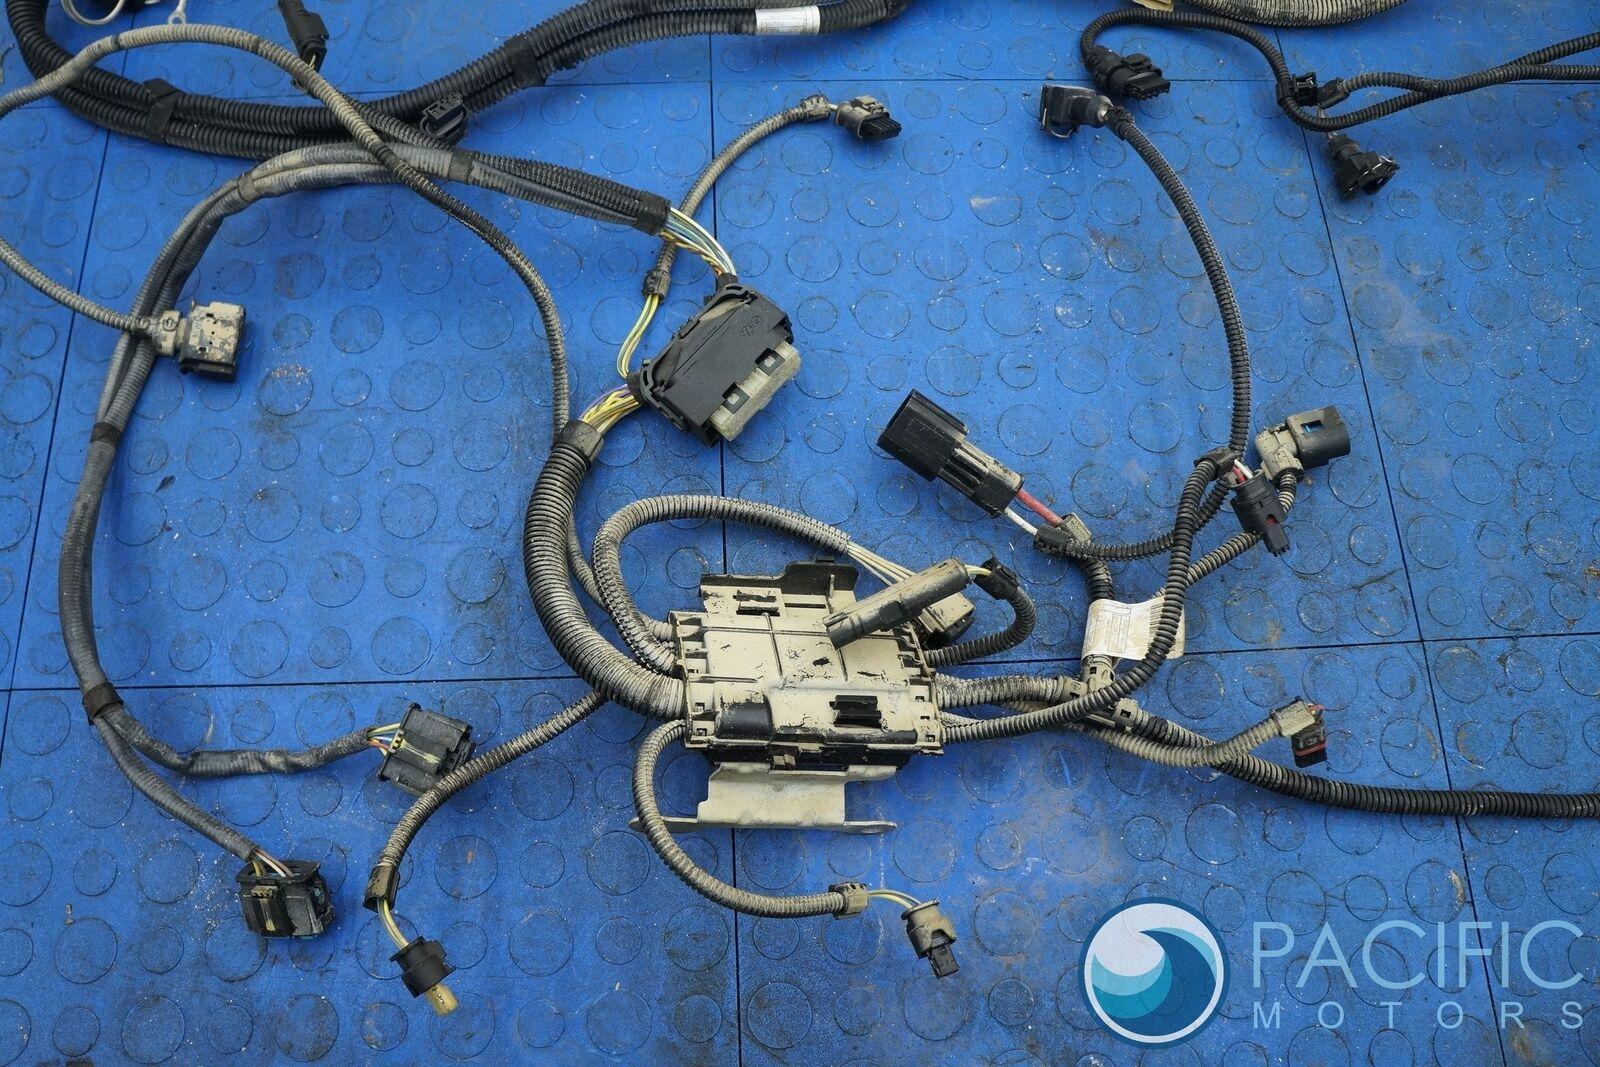 2014 Bmw X5 Trailer Wiring Harness Electrical Diagrams Toyota Highlander F 16 Diagram Electricity Basics 101 U2022 Ford Edge